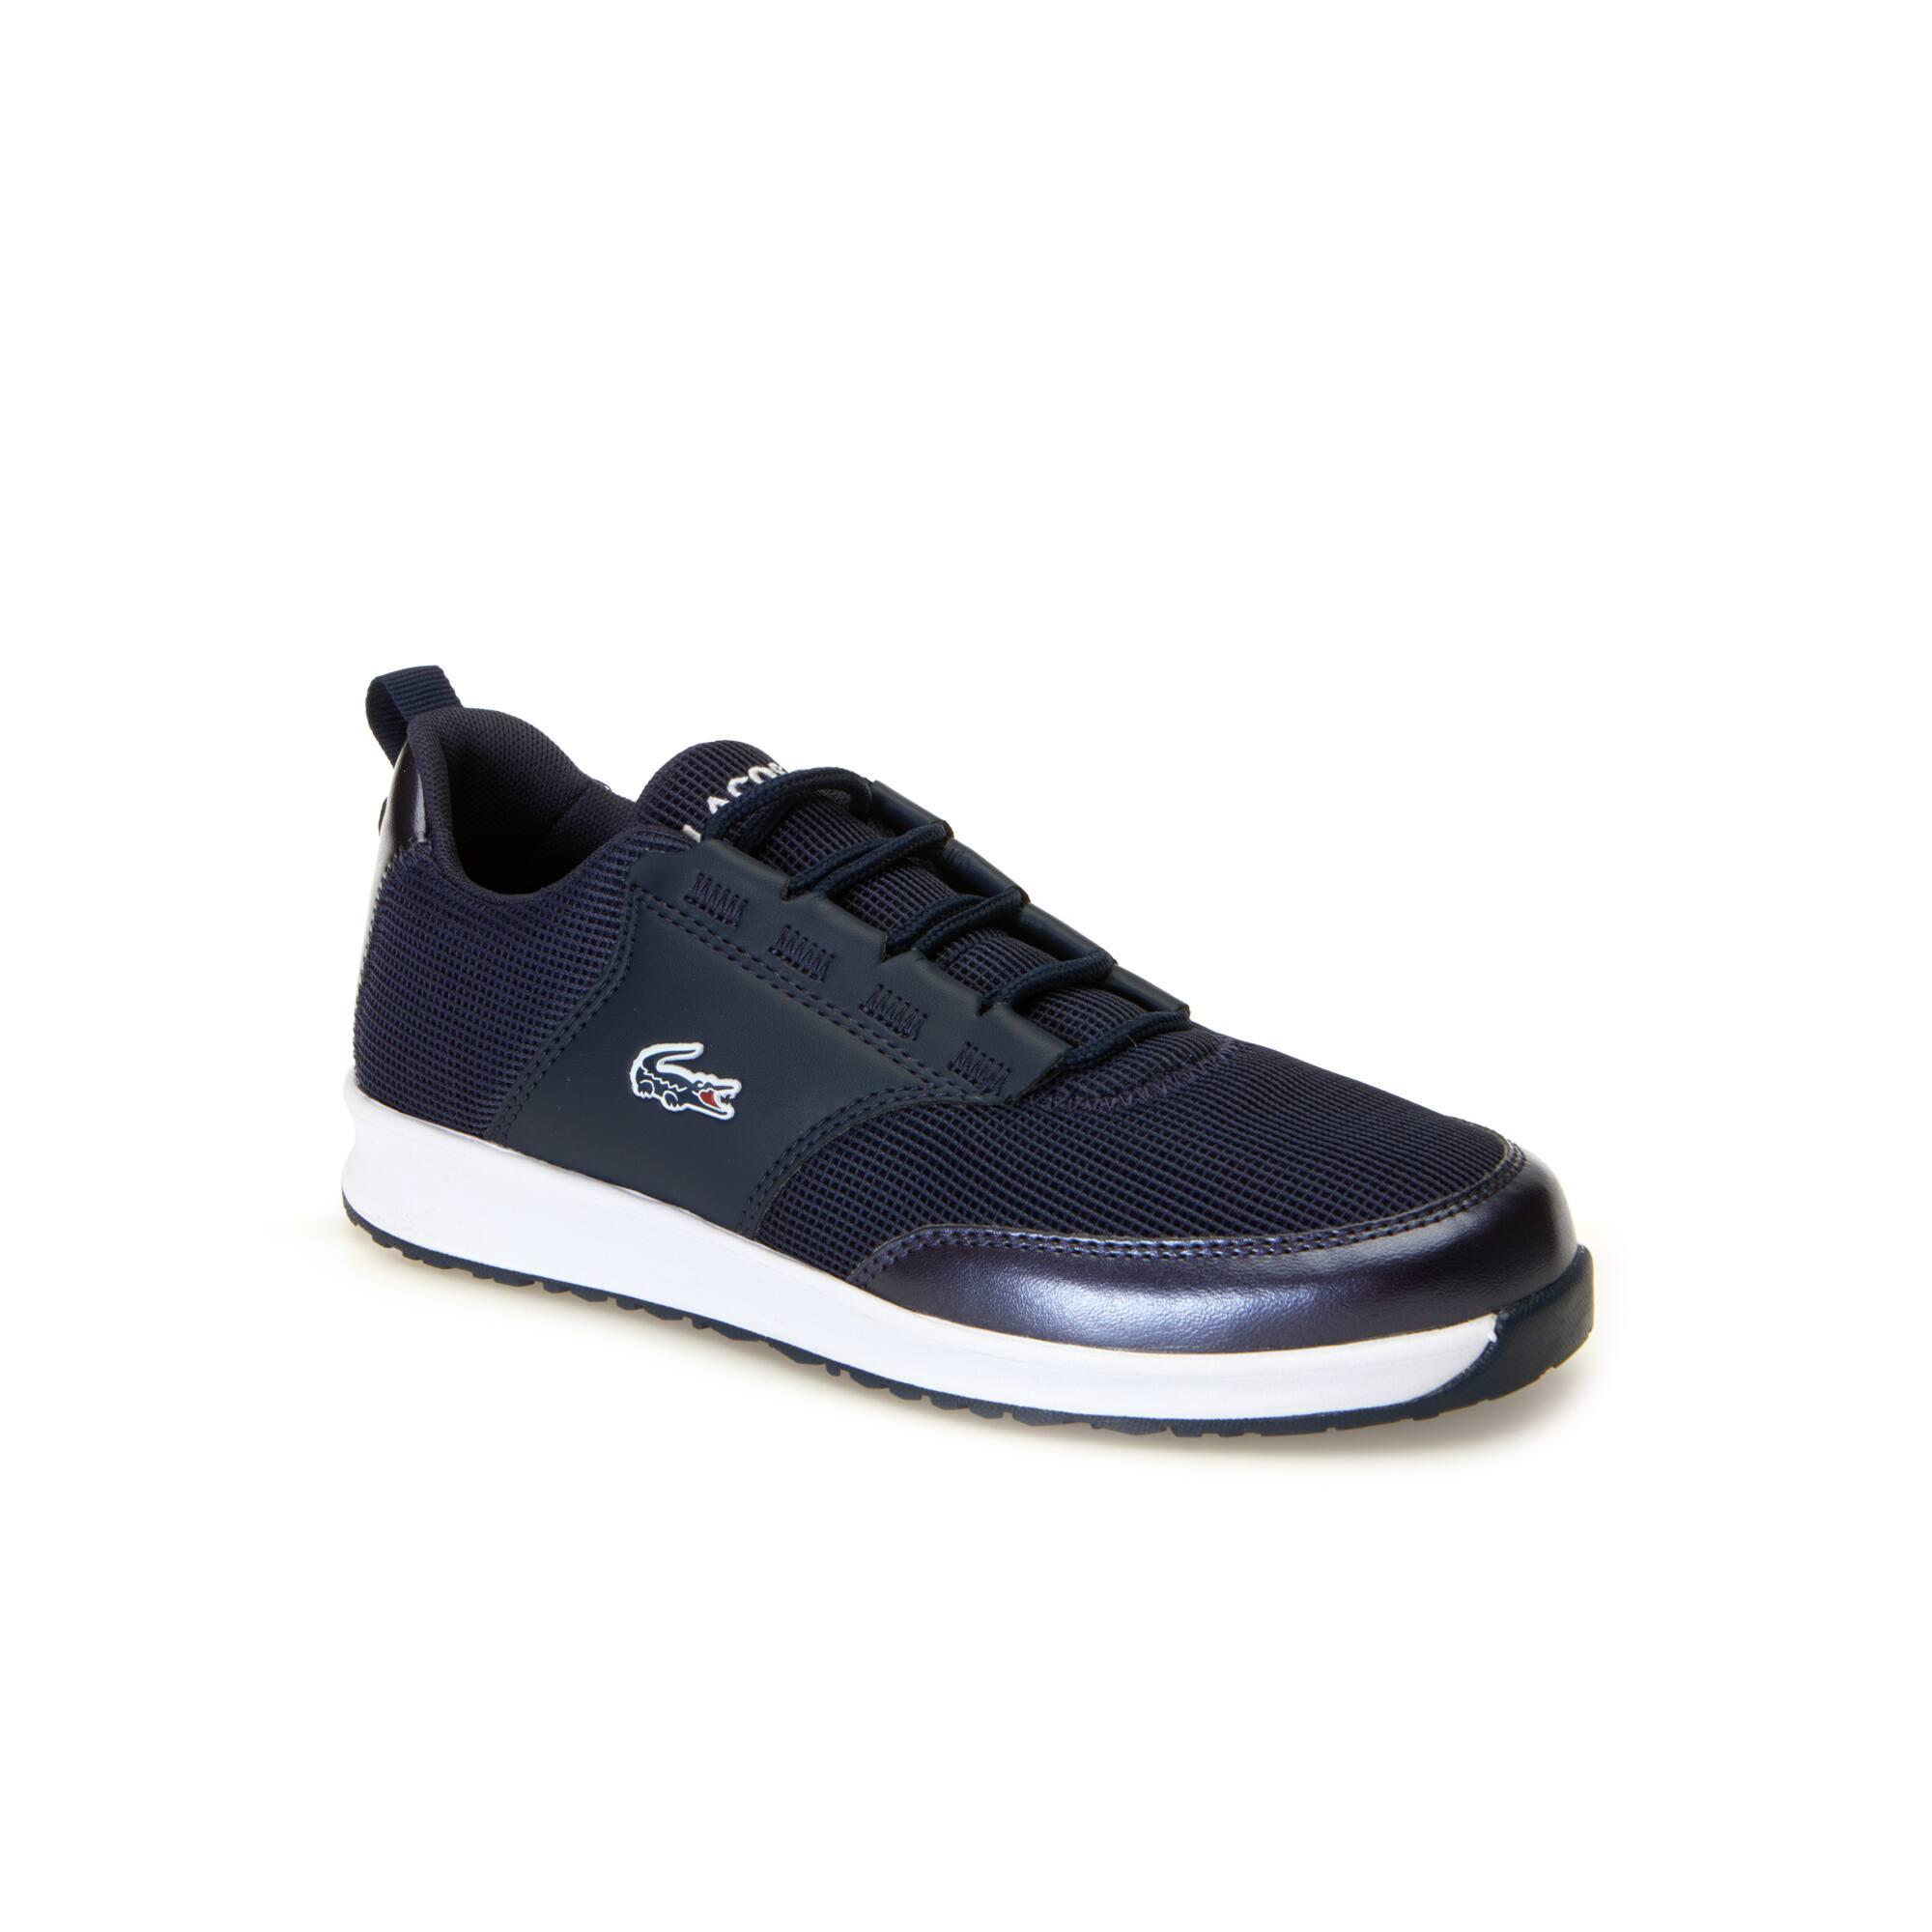 Teen-Sneakers L.IGHT metallisch aus Textil und Synthetik